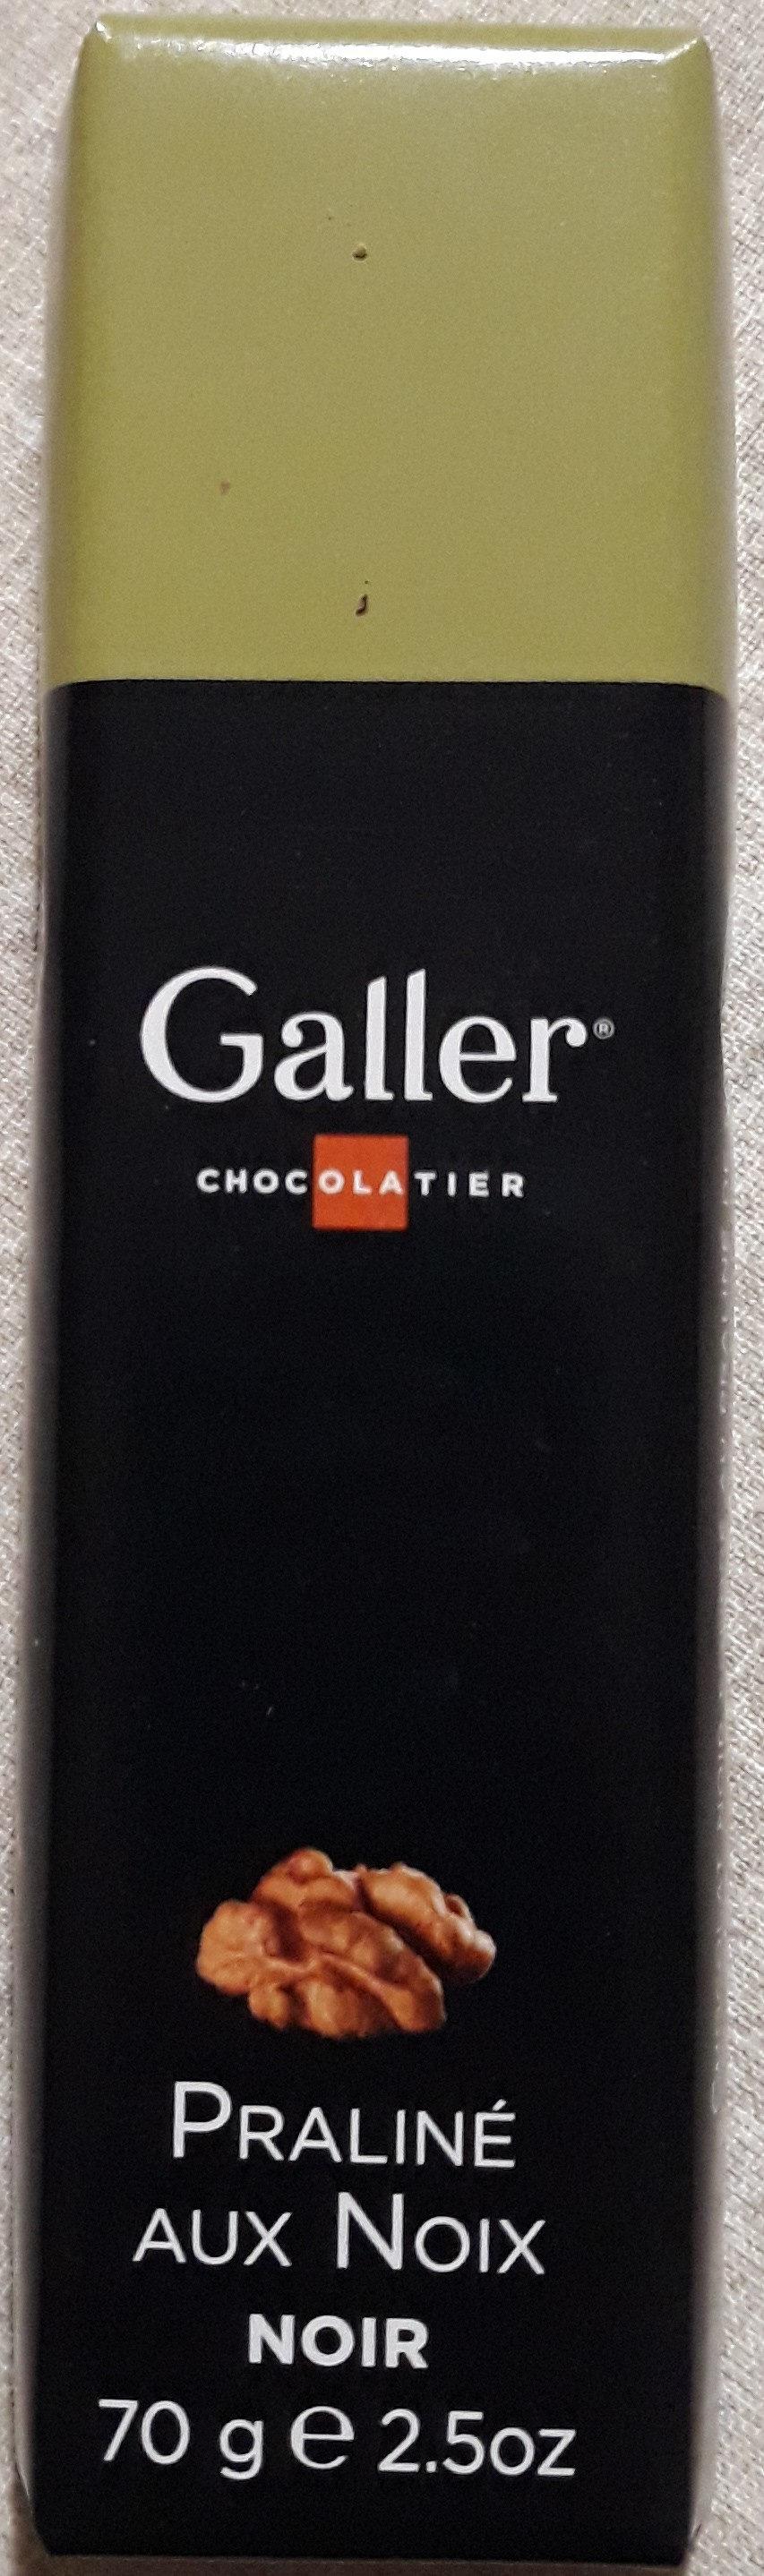 Bâton Galler Praliné aux noix-Noir - Produit - fr